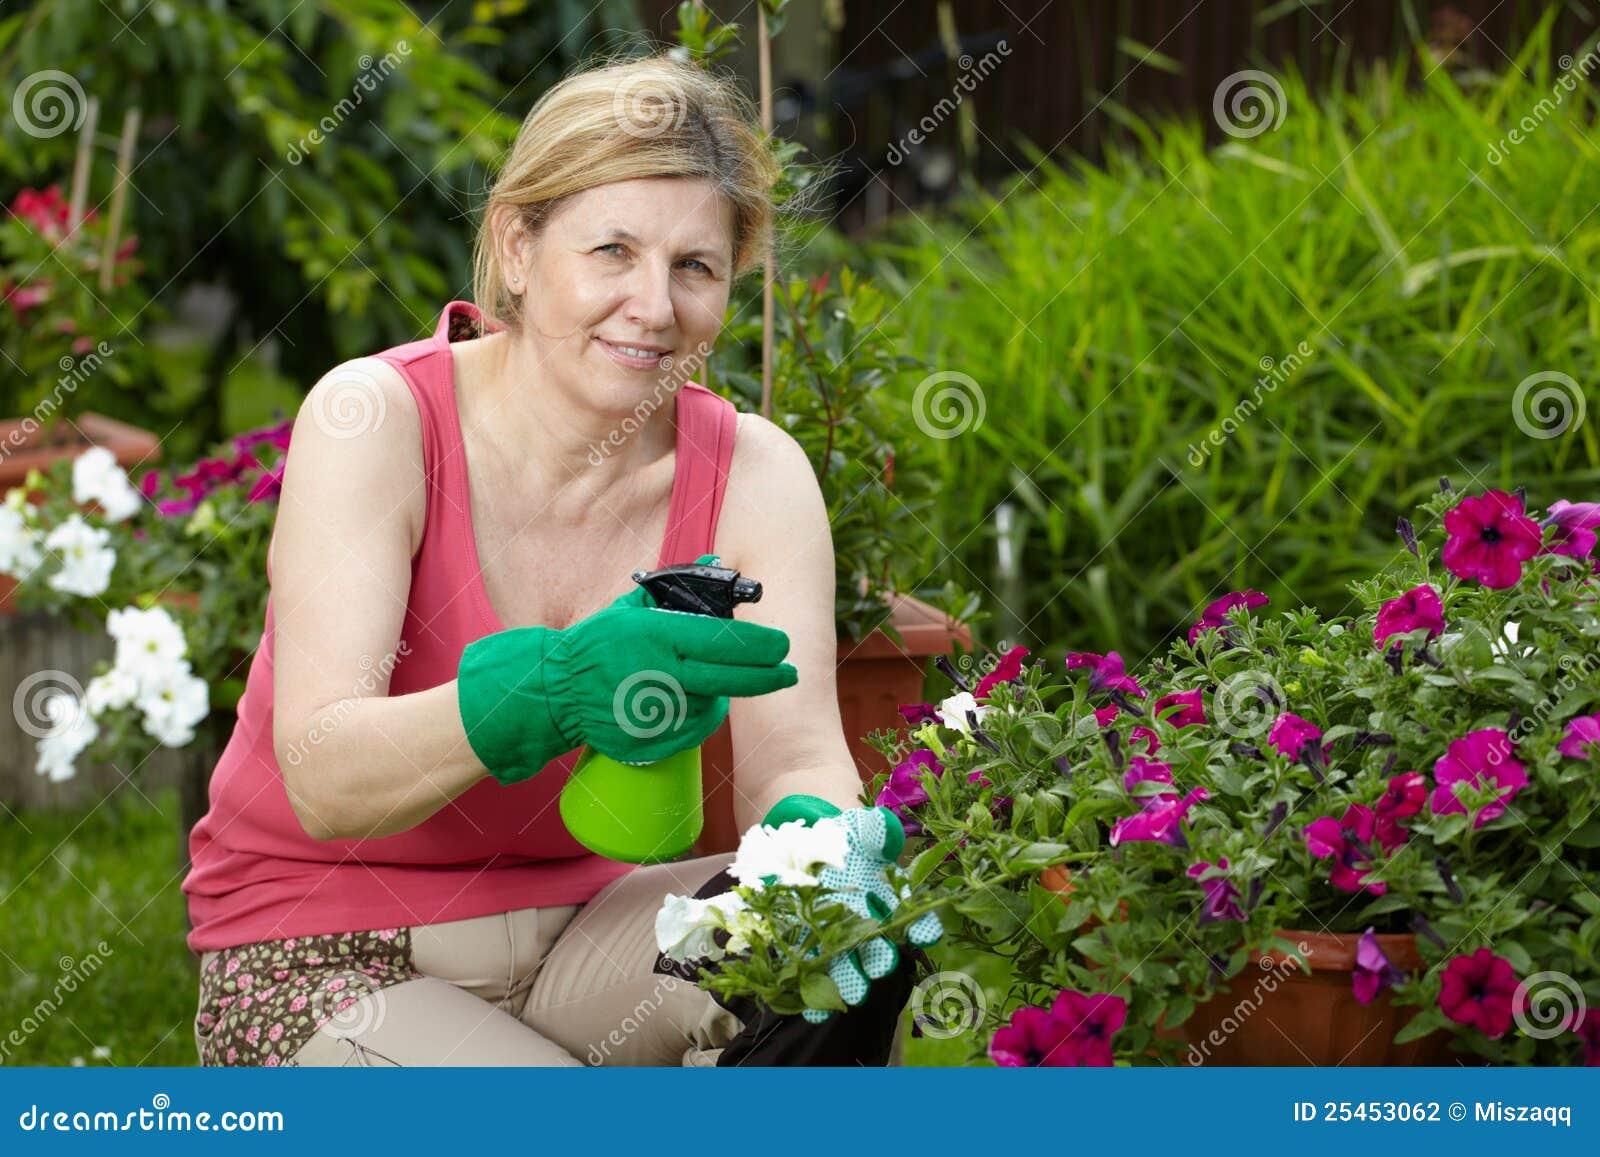 Garden Sex Thumbs 100